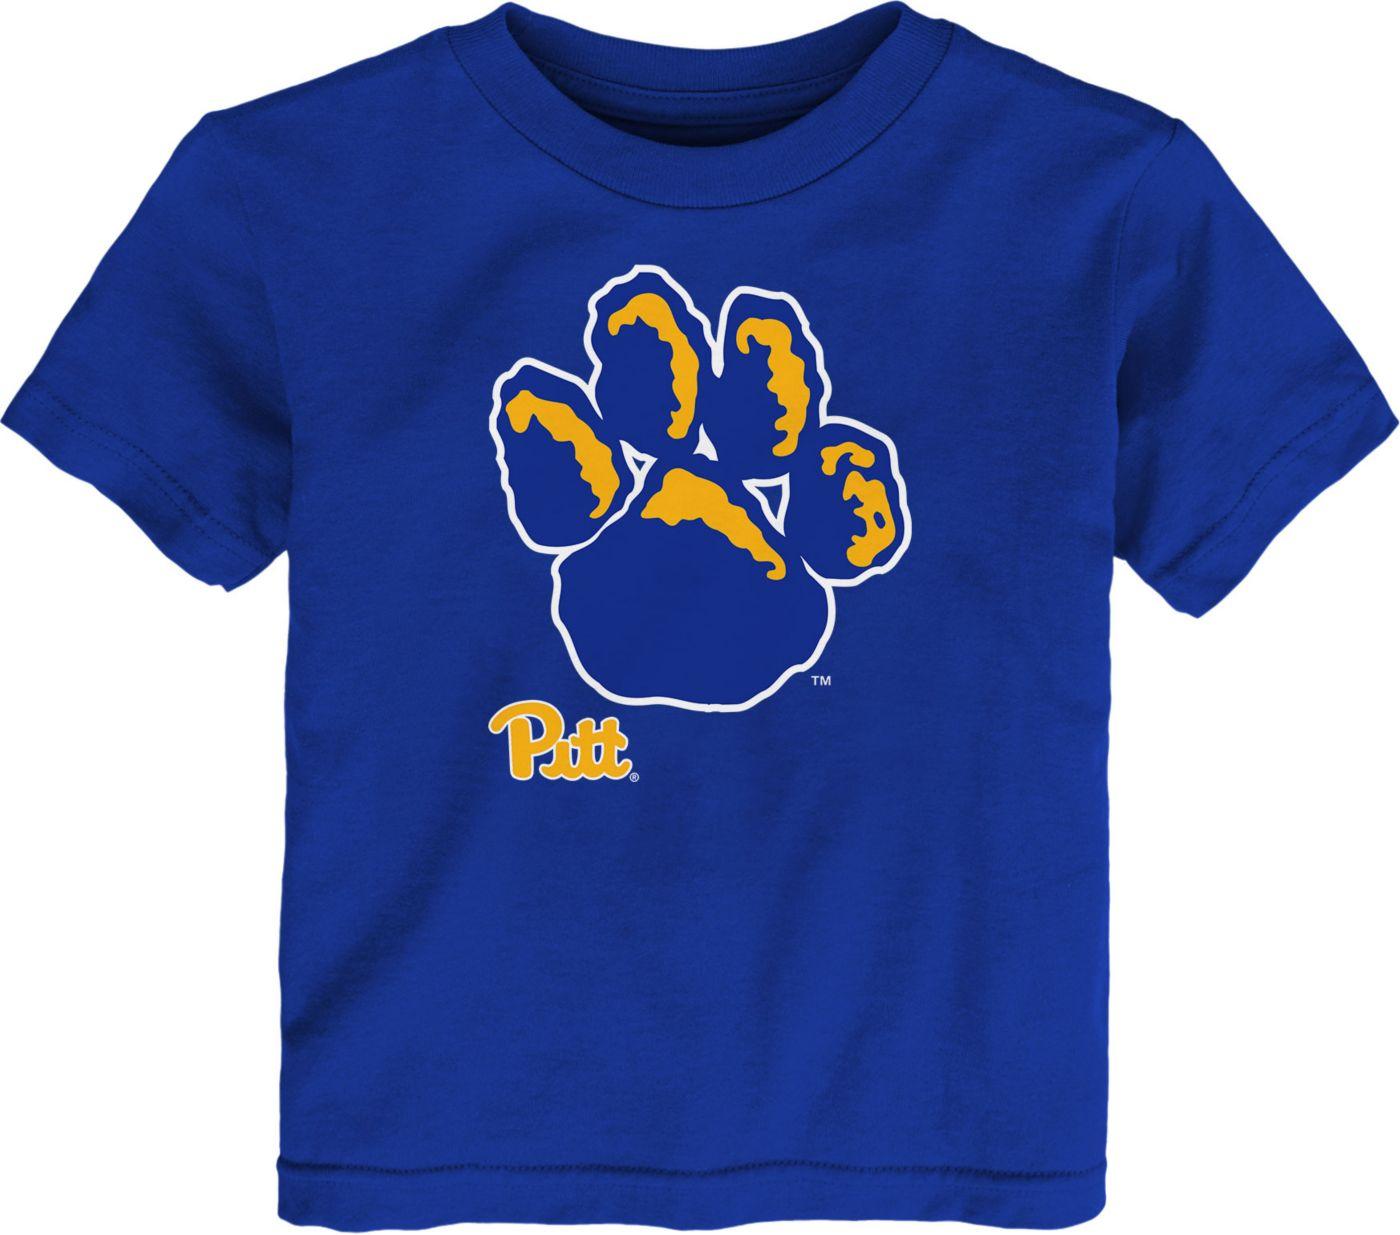 Gen2 Toddler Pitt Panthers Blue Headshot T-Shirt